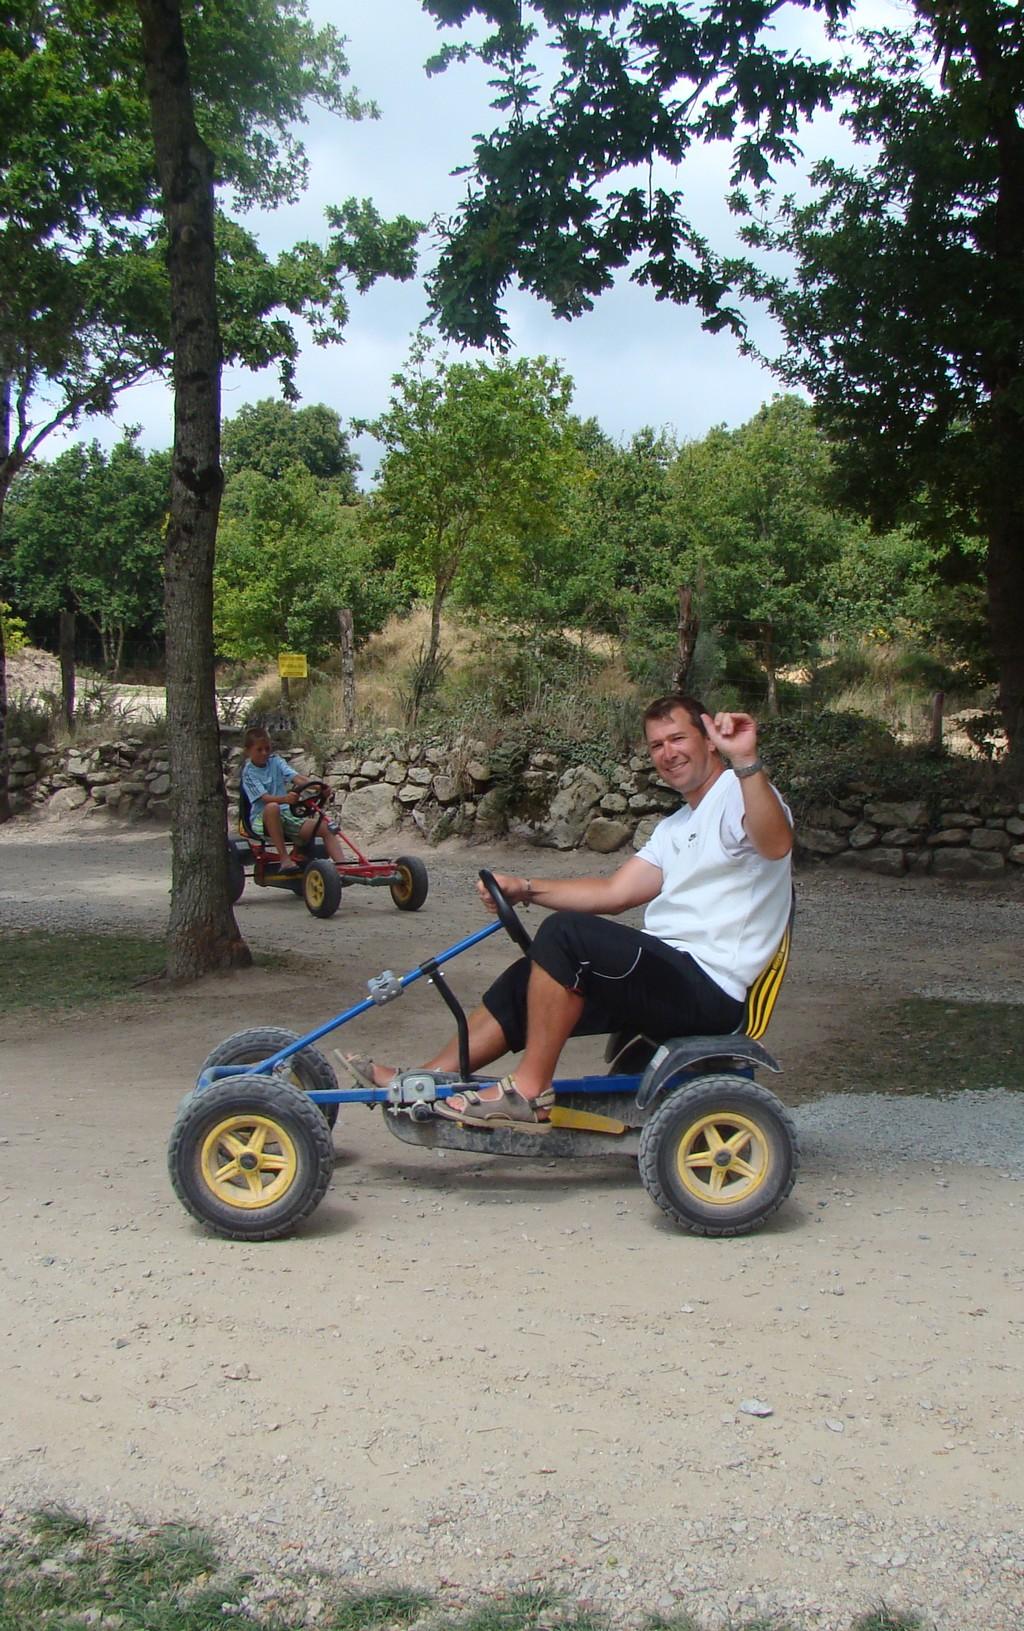 Parc de Jeux et Kart à Pédale en Famille proche Lorient